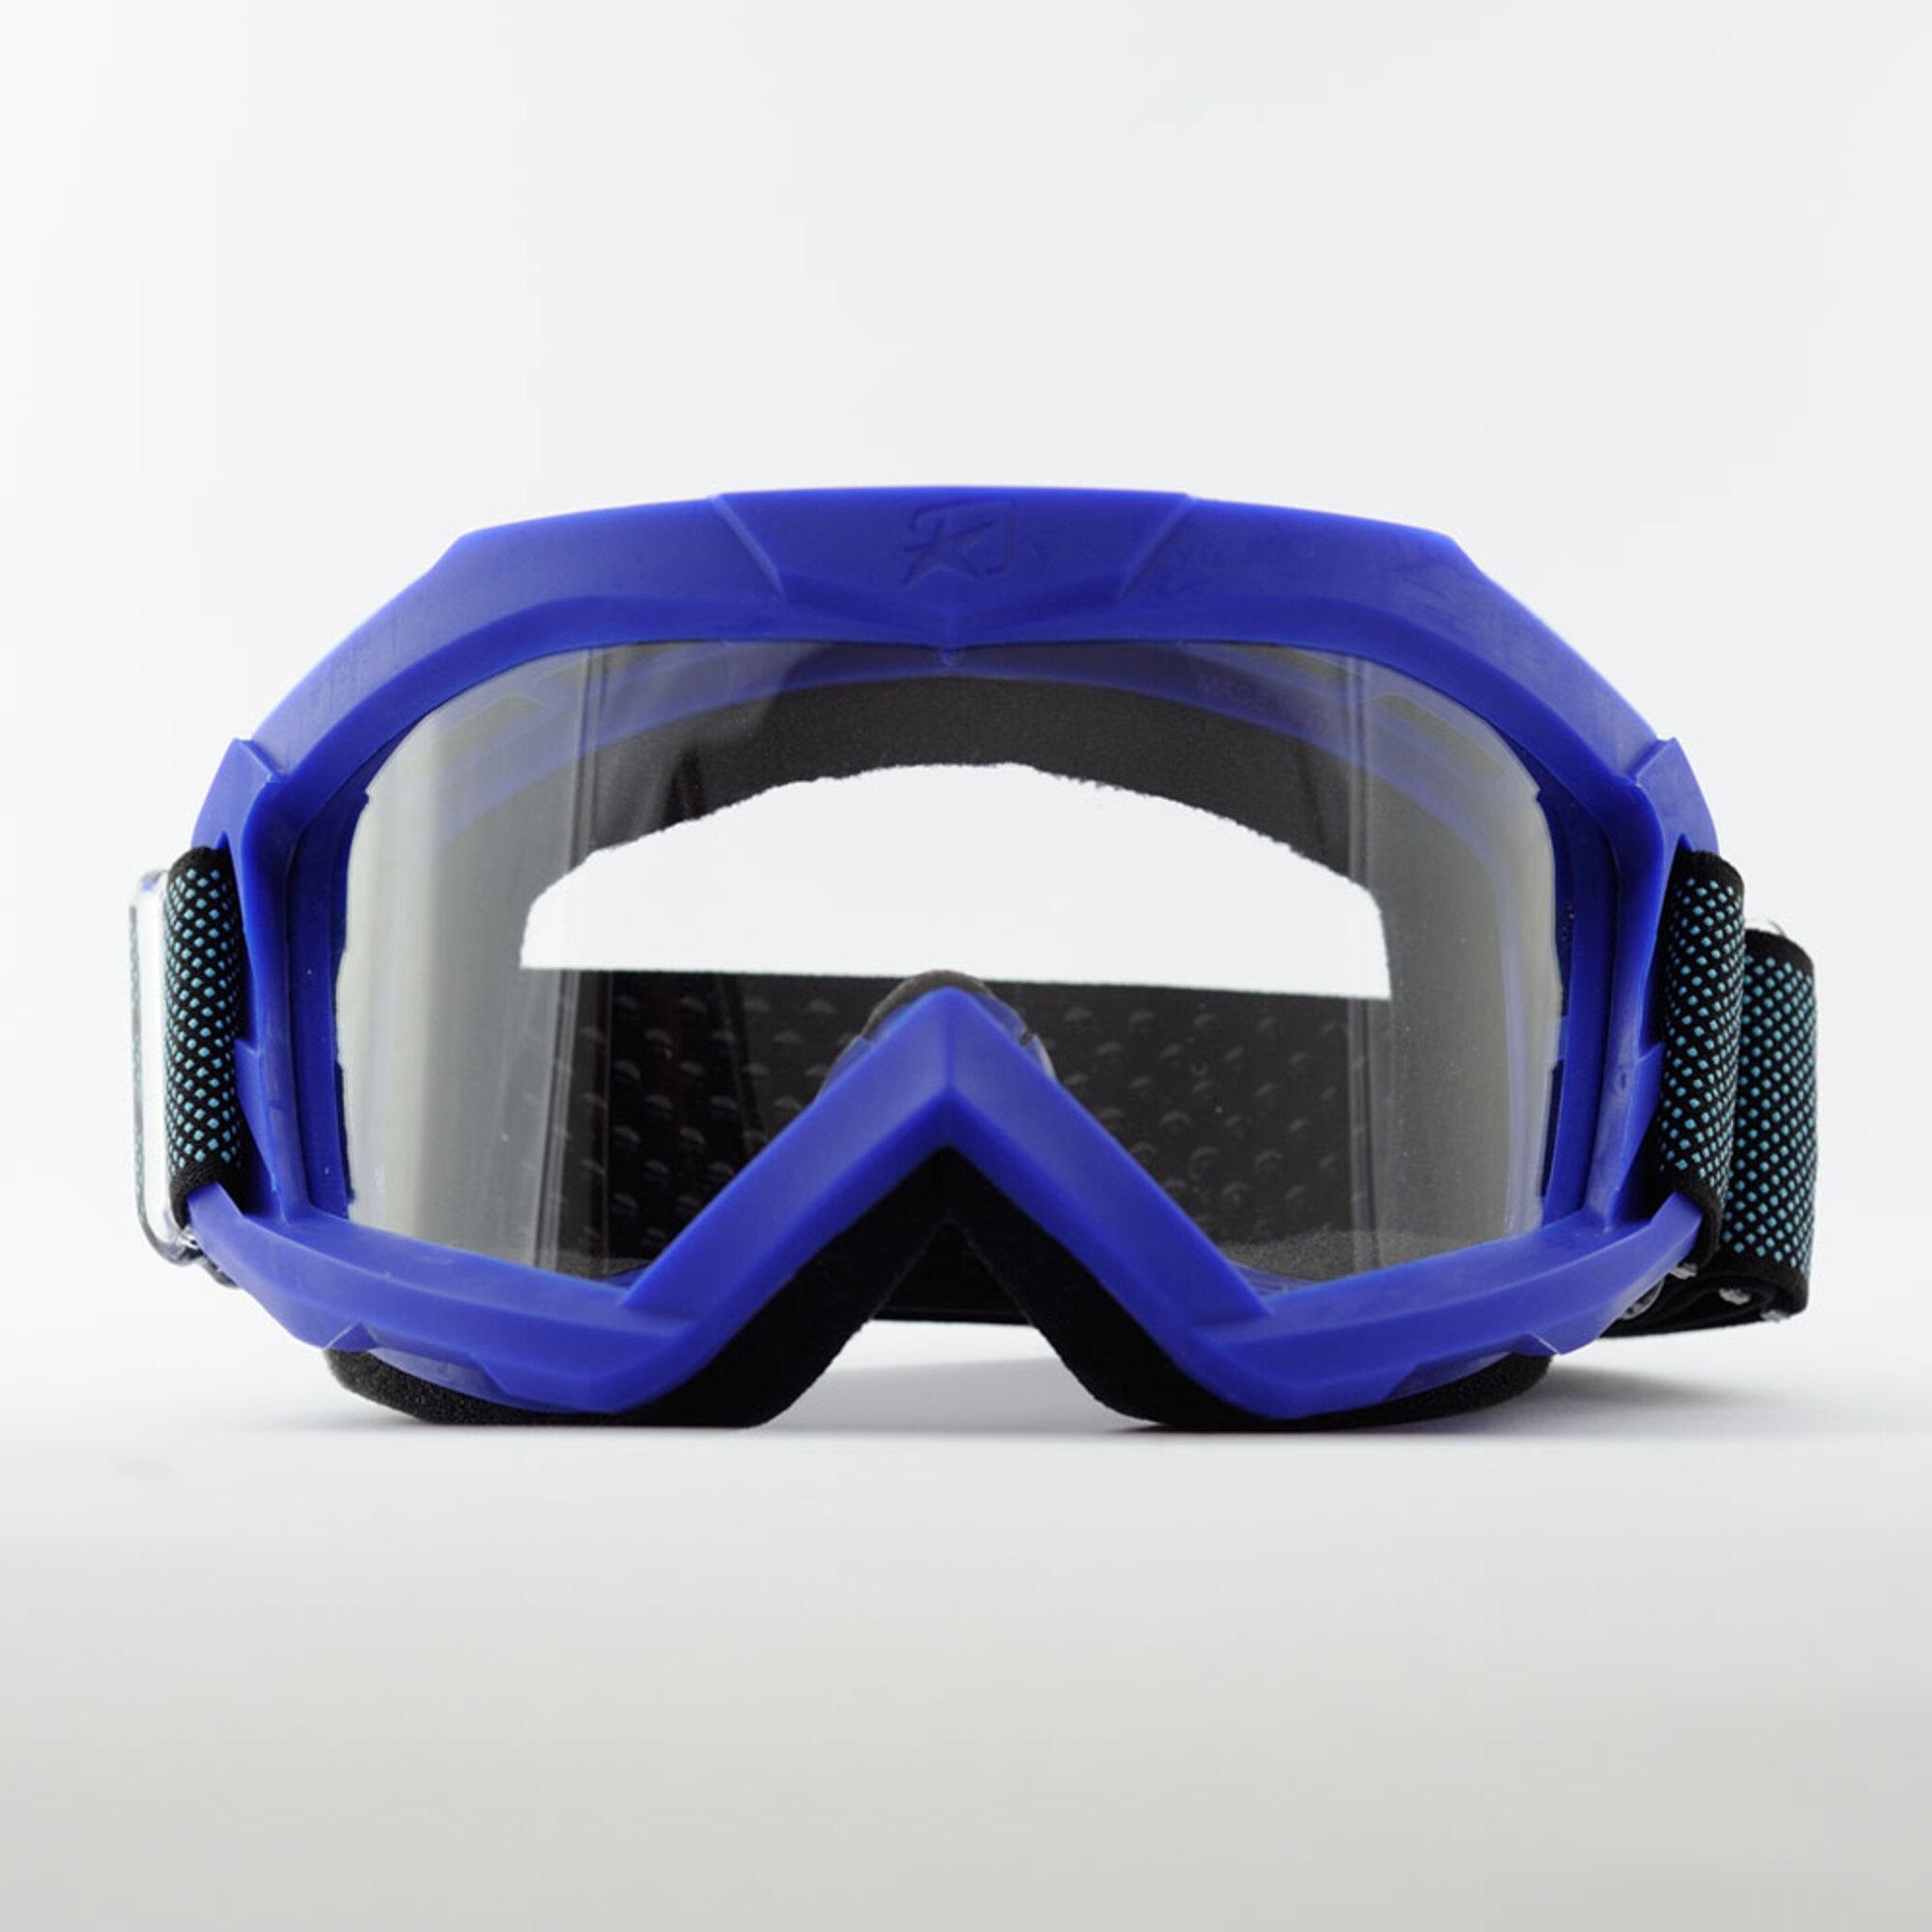 Маска кроссовая Ariete 07 Next Gen 2021, синий, прозрачная линзы